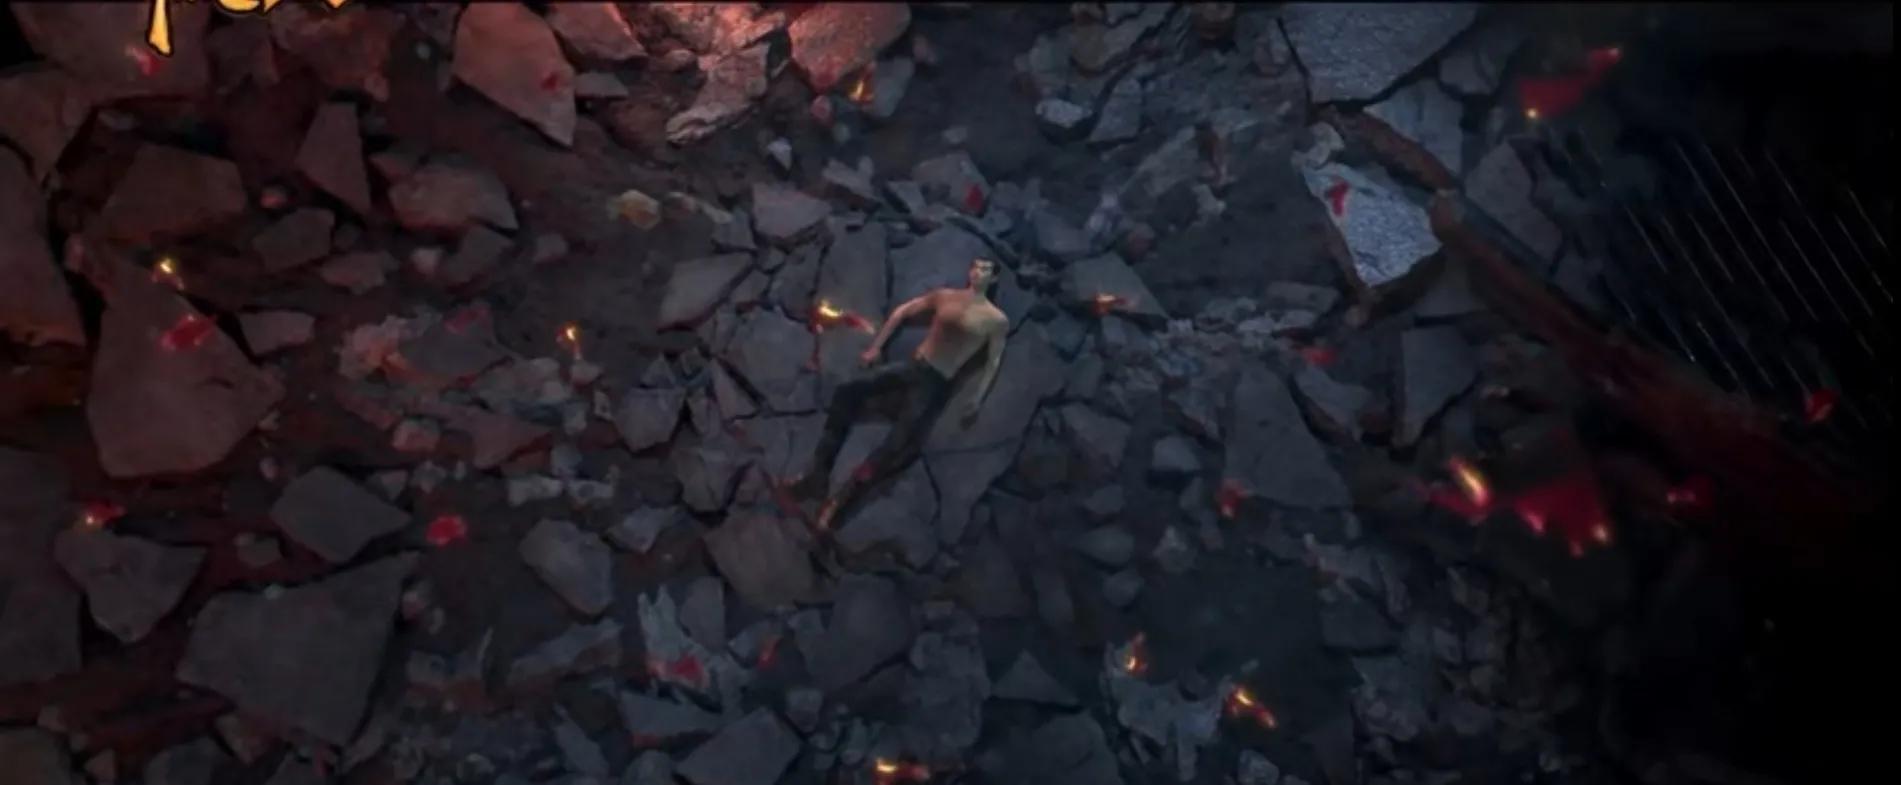 《新神榜:哪吒重生》:这就是一场蓄谋已久的复仇